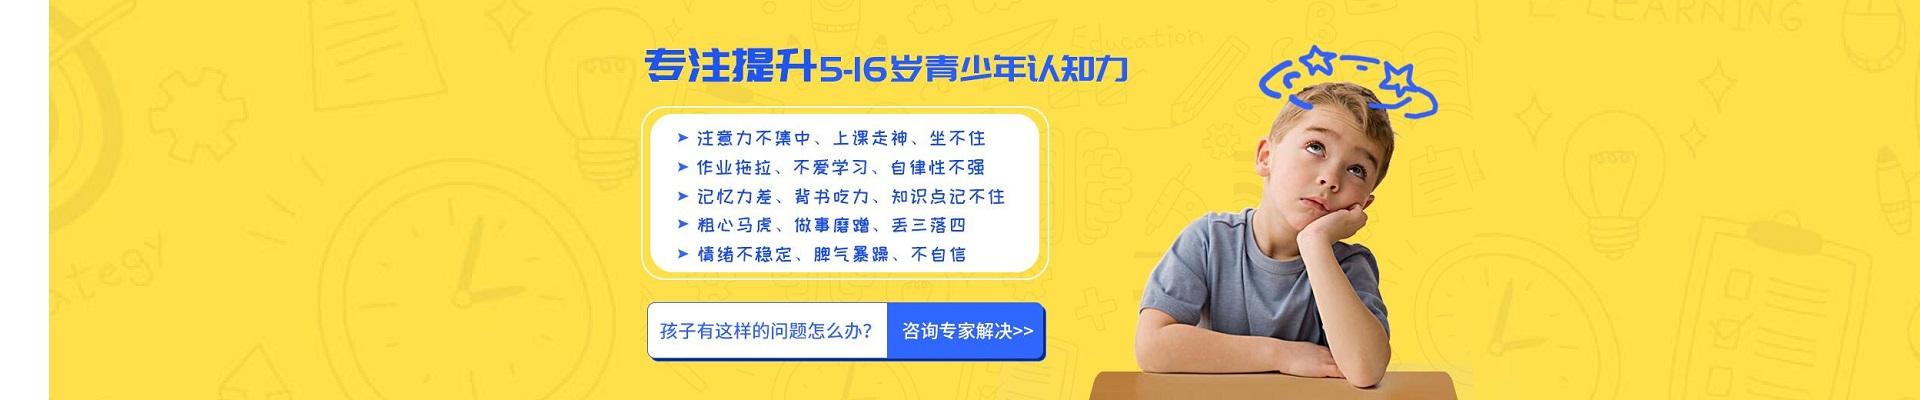 博沃思教育-重慶青少年認知力機構